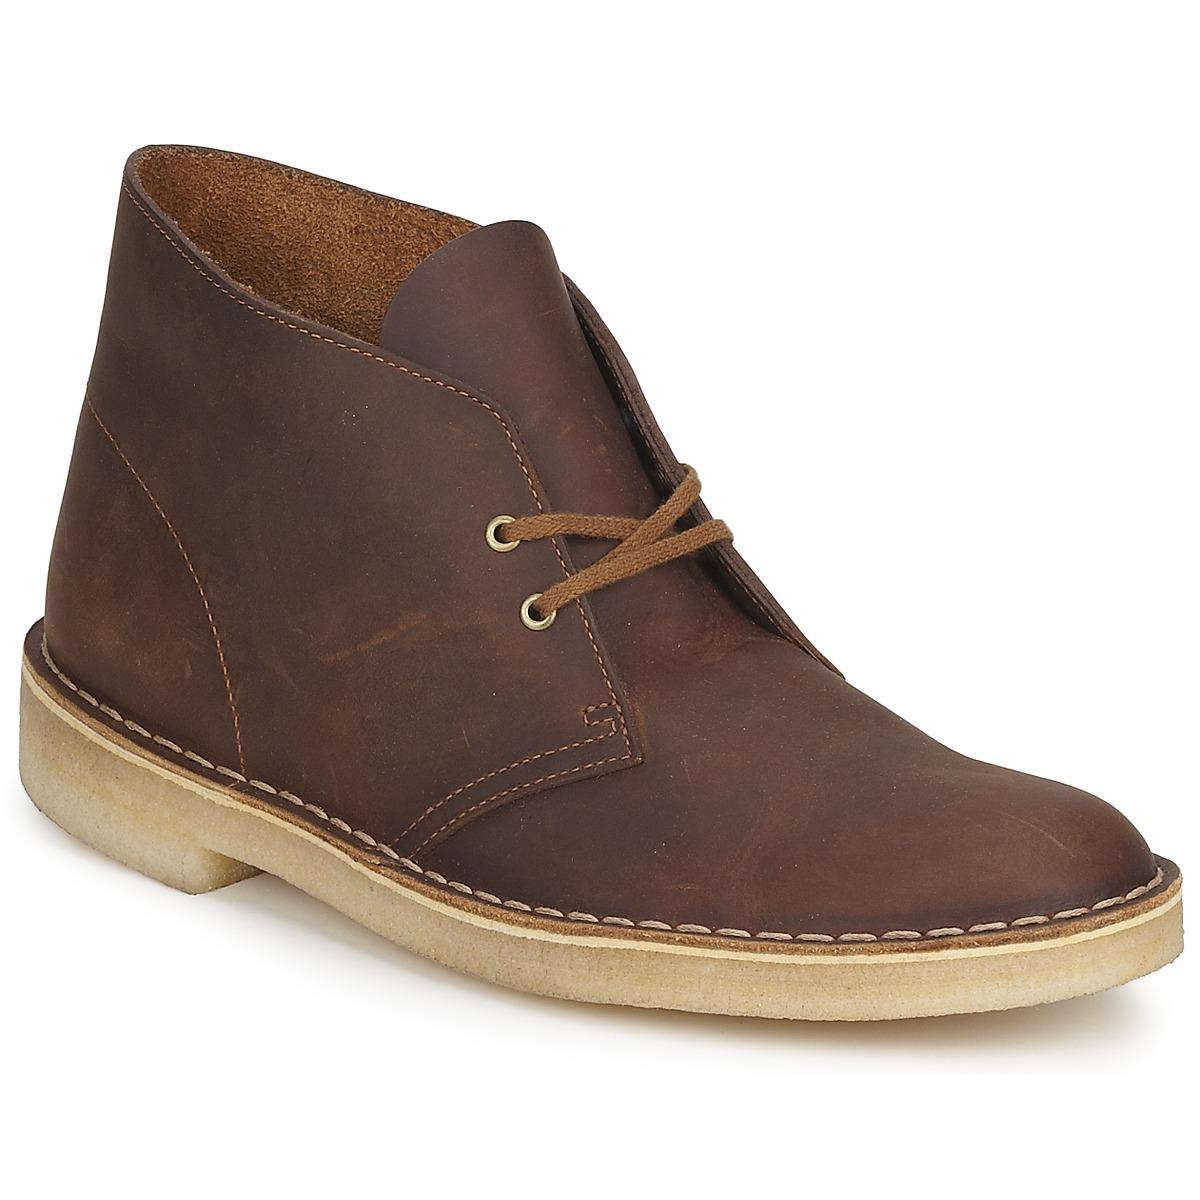 clarks desert boot marron livraison gratuite avec chaussures boots homme 129 00. Black Bedroom Furniture Sets. Home Design Ideas